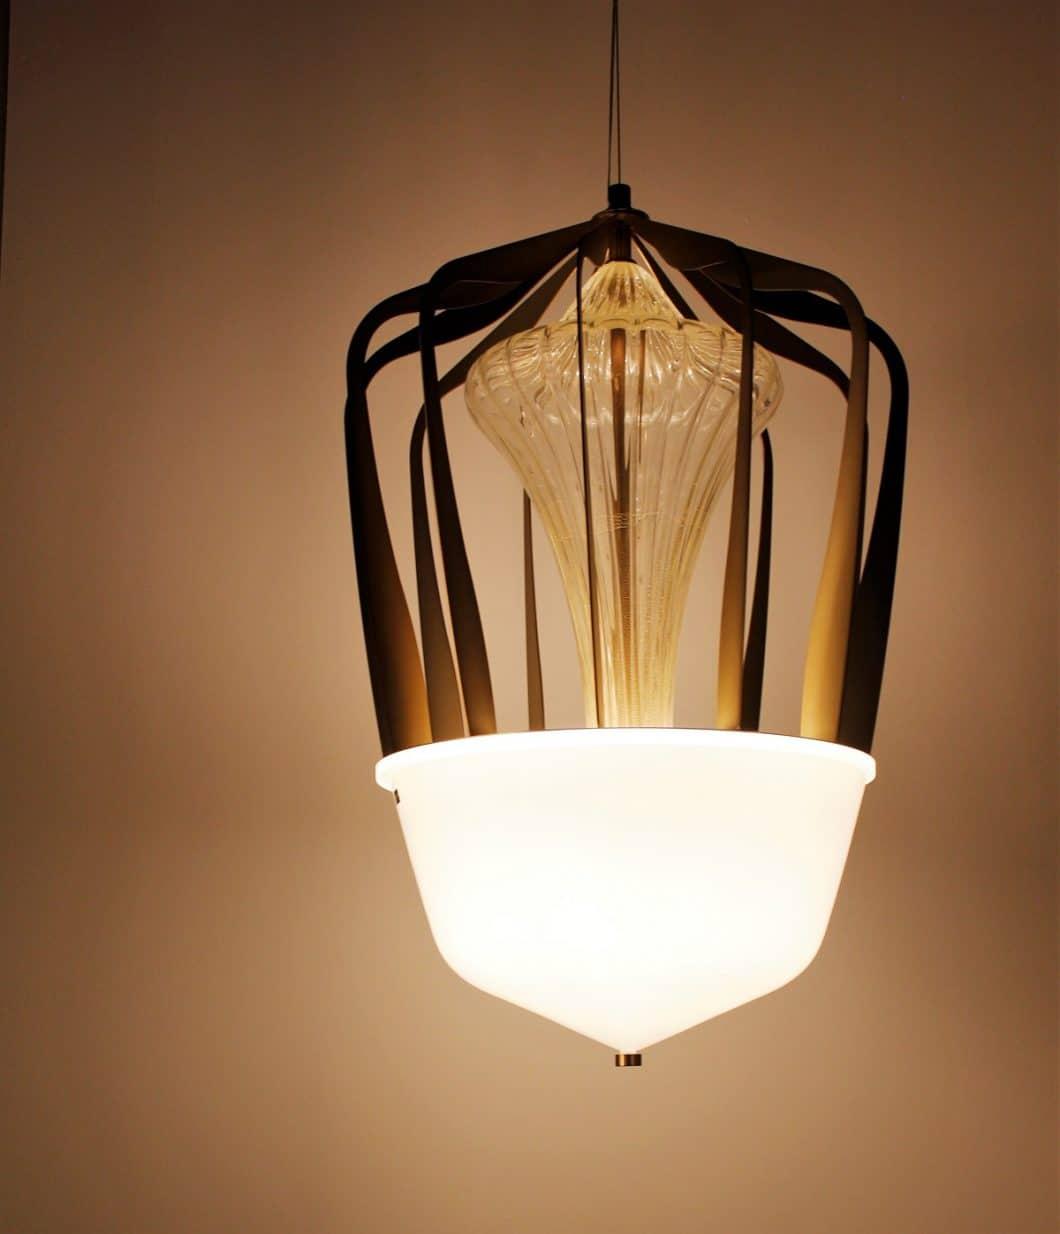 Extravagante Leuchten sind nicht nur Teil eines Raums, sondern definieren auch dessen Stil. (Foto: Susanne Scheffer)